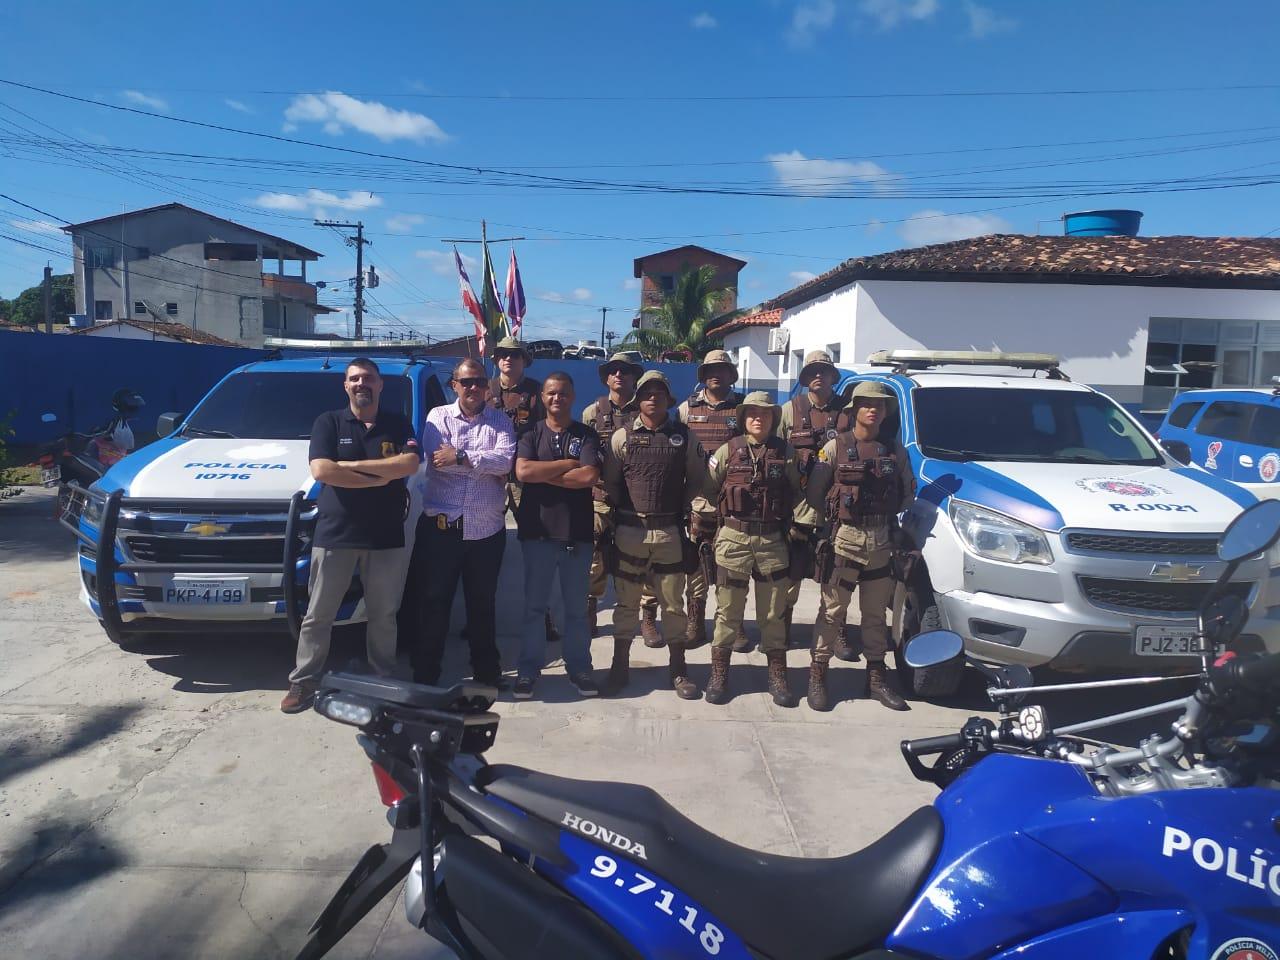 POLÍCIA CIVIL E POLÍCIA MILITAR REALIZAM OPERAÇÃO CONJUNTA EM CANAVIEIRAS 1